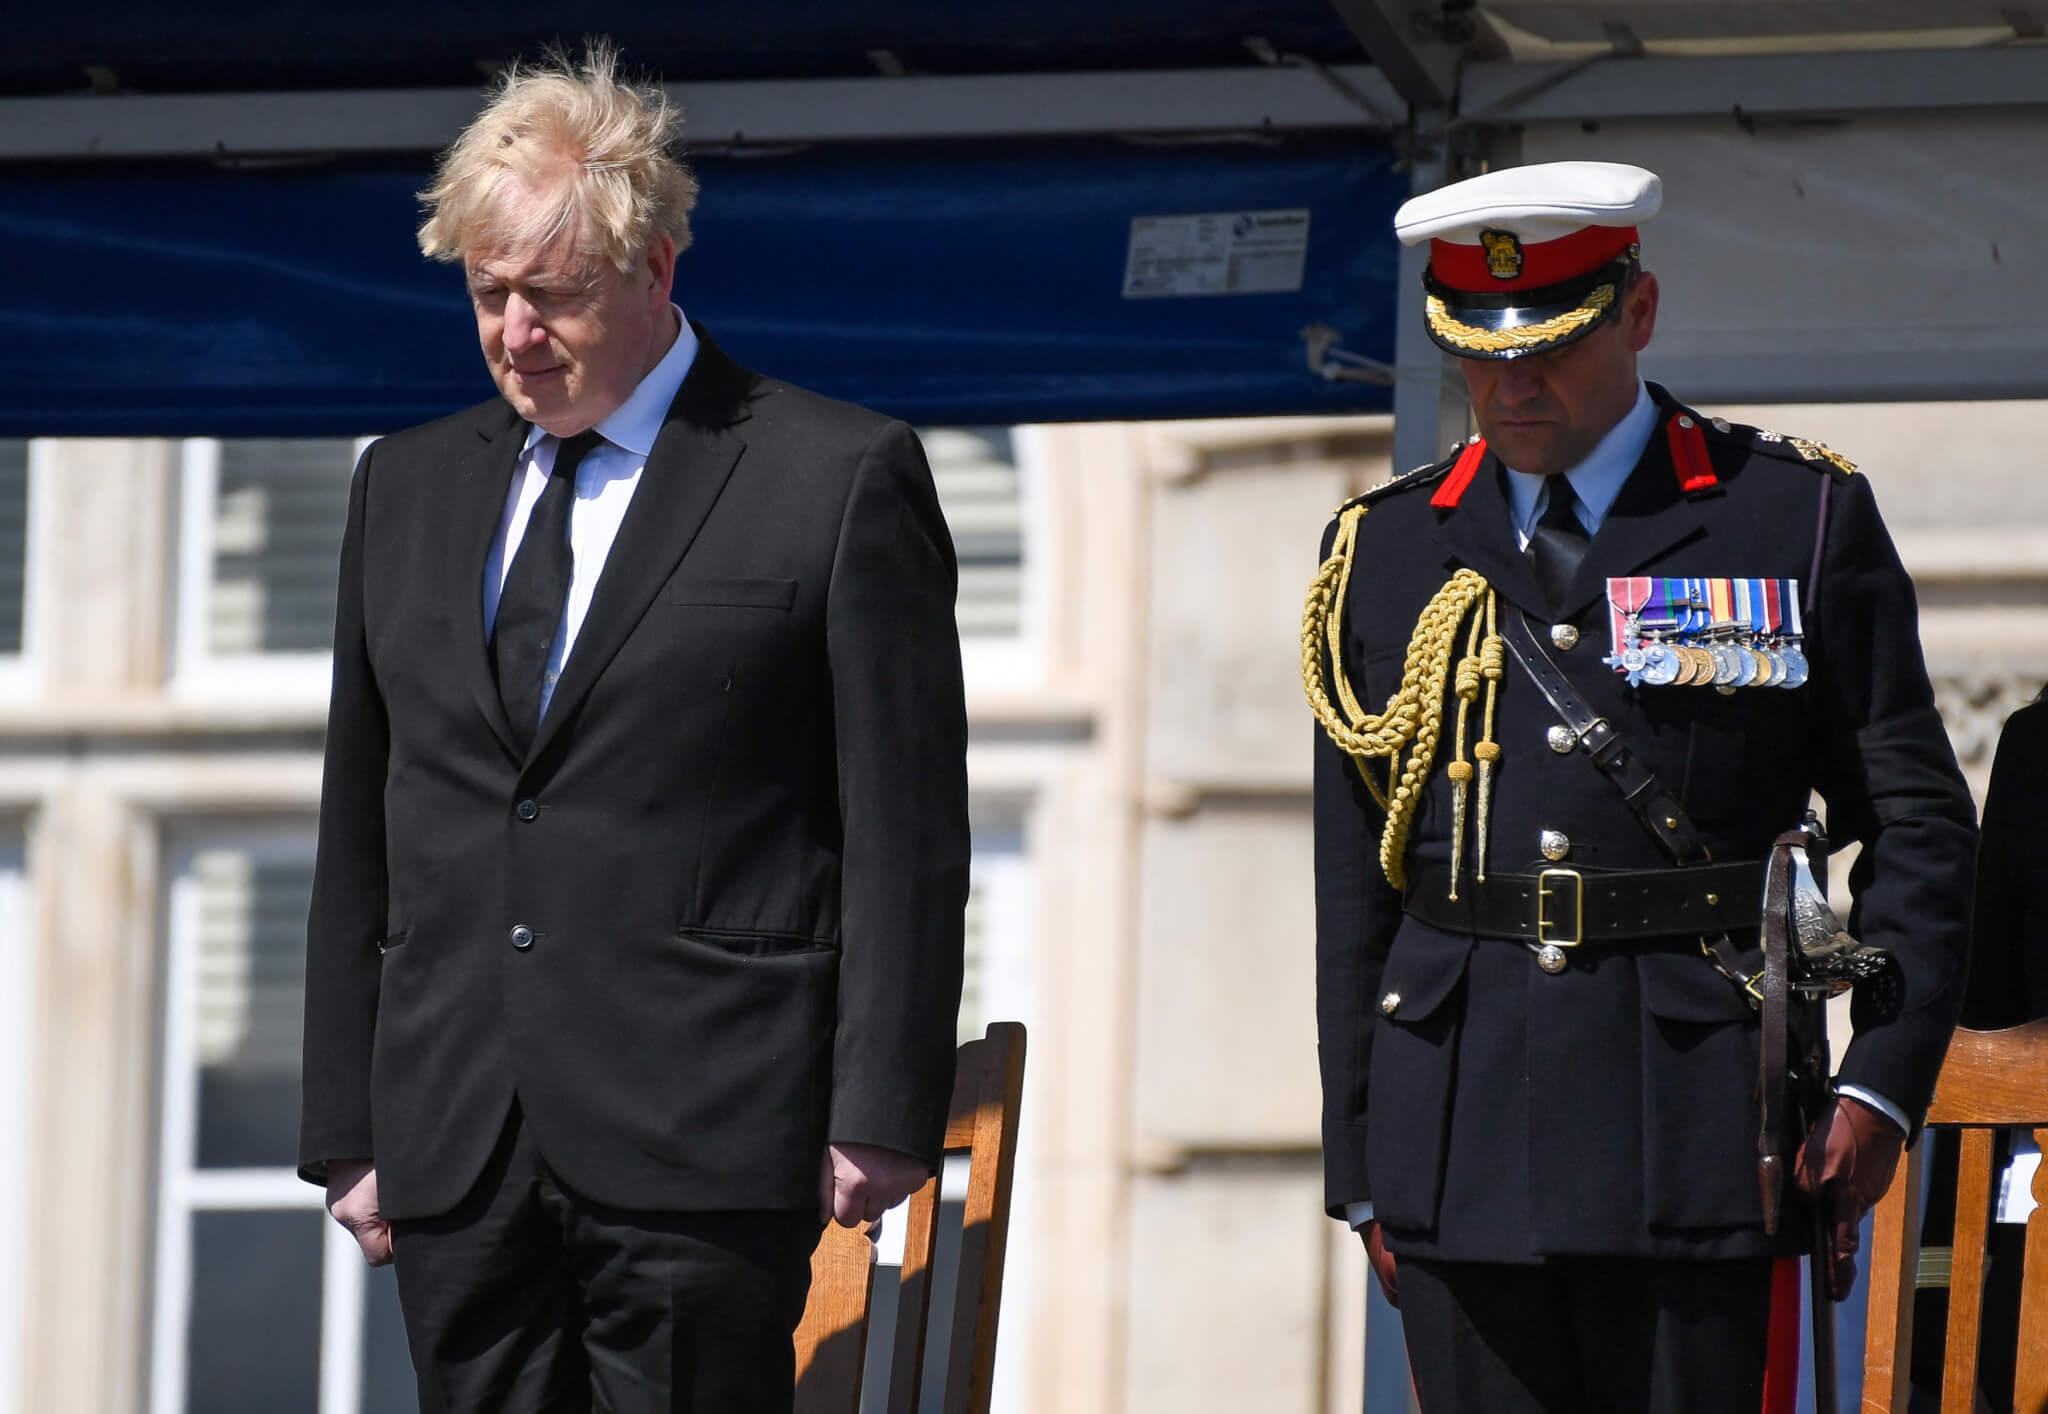 英國首相約翰遜(Boris Johnson)早前已表明不會出席喪禮,讓菲臘親王的親屬可出席。